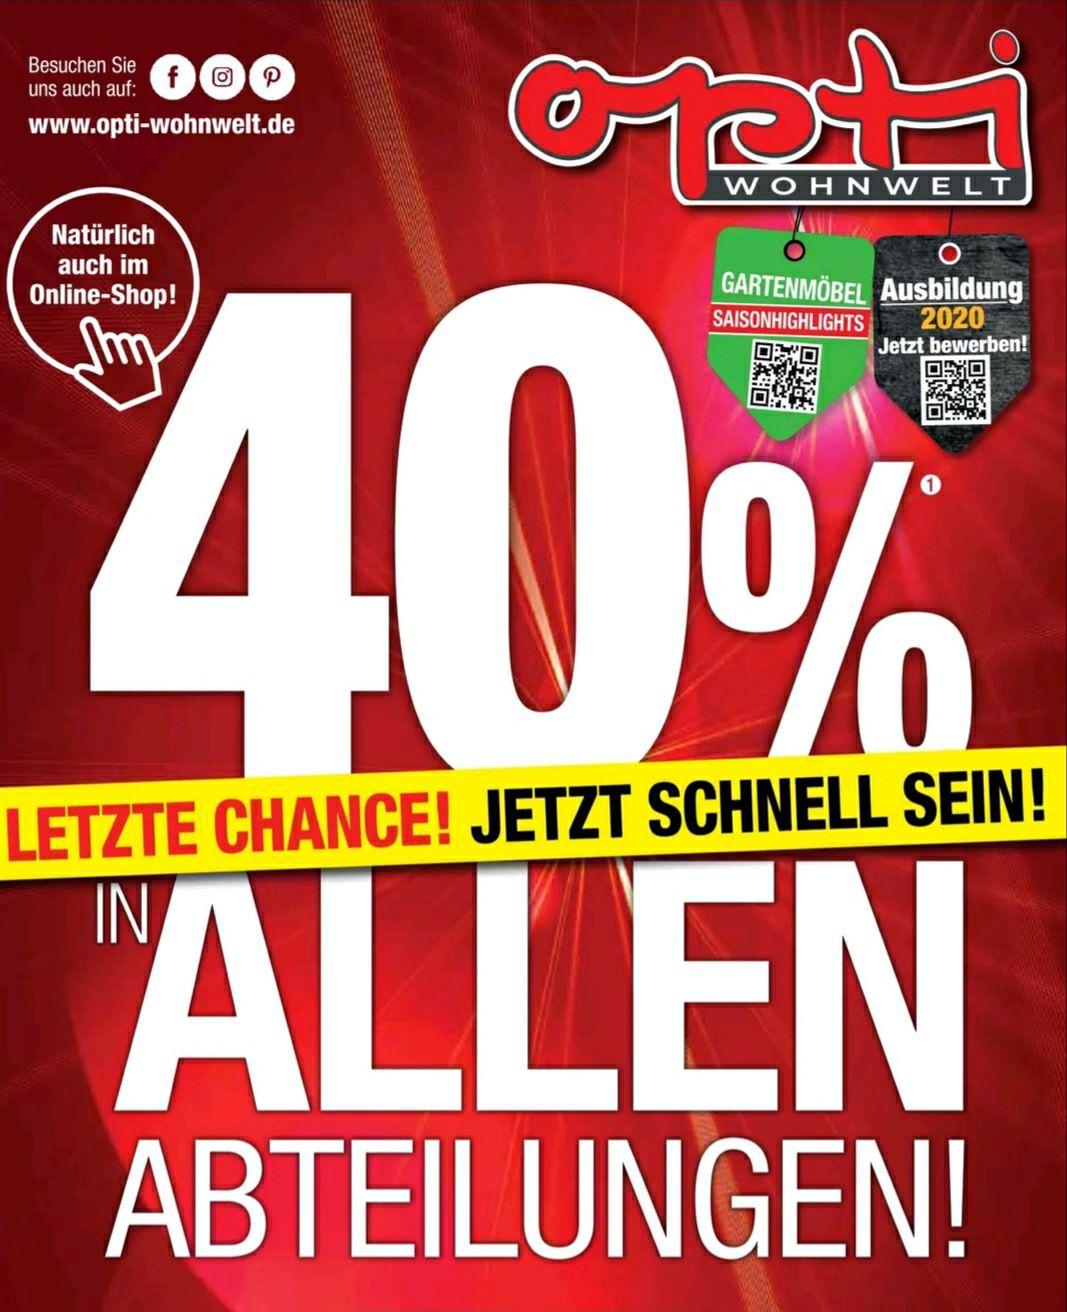 40% Rabatt bei Opti-Wohnwelt